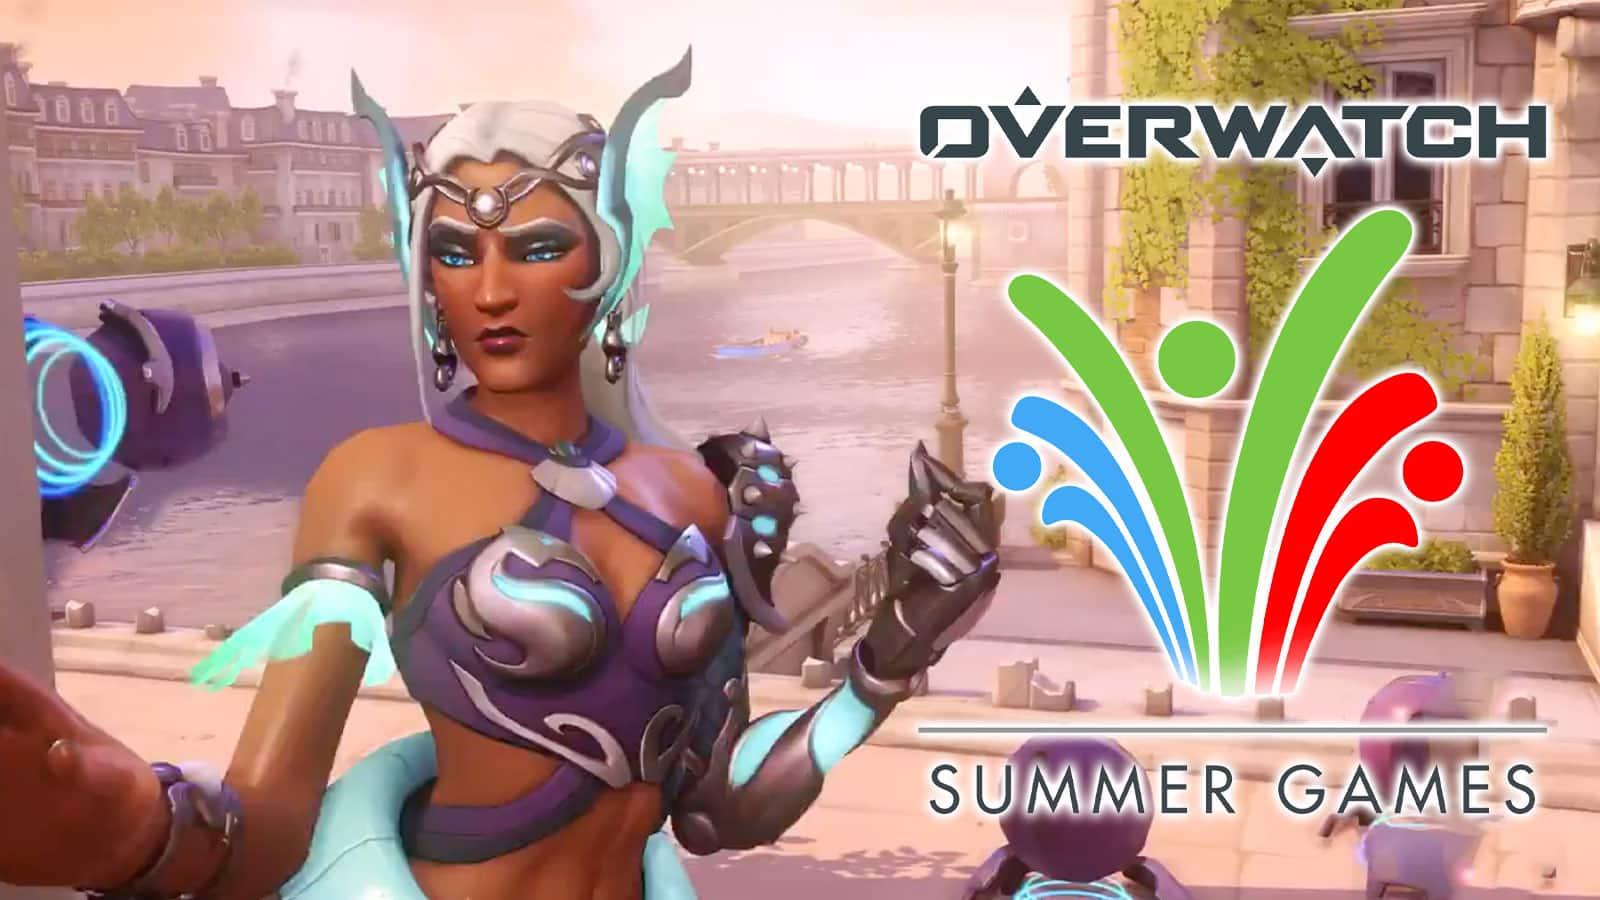 El evento Summer Games regresará a Overwatch este 20 de julio